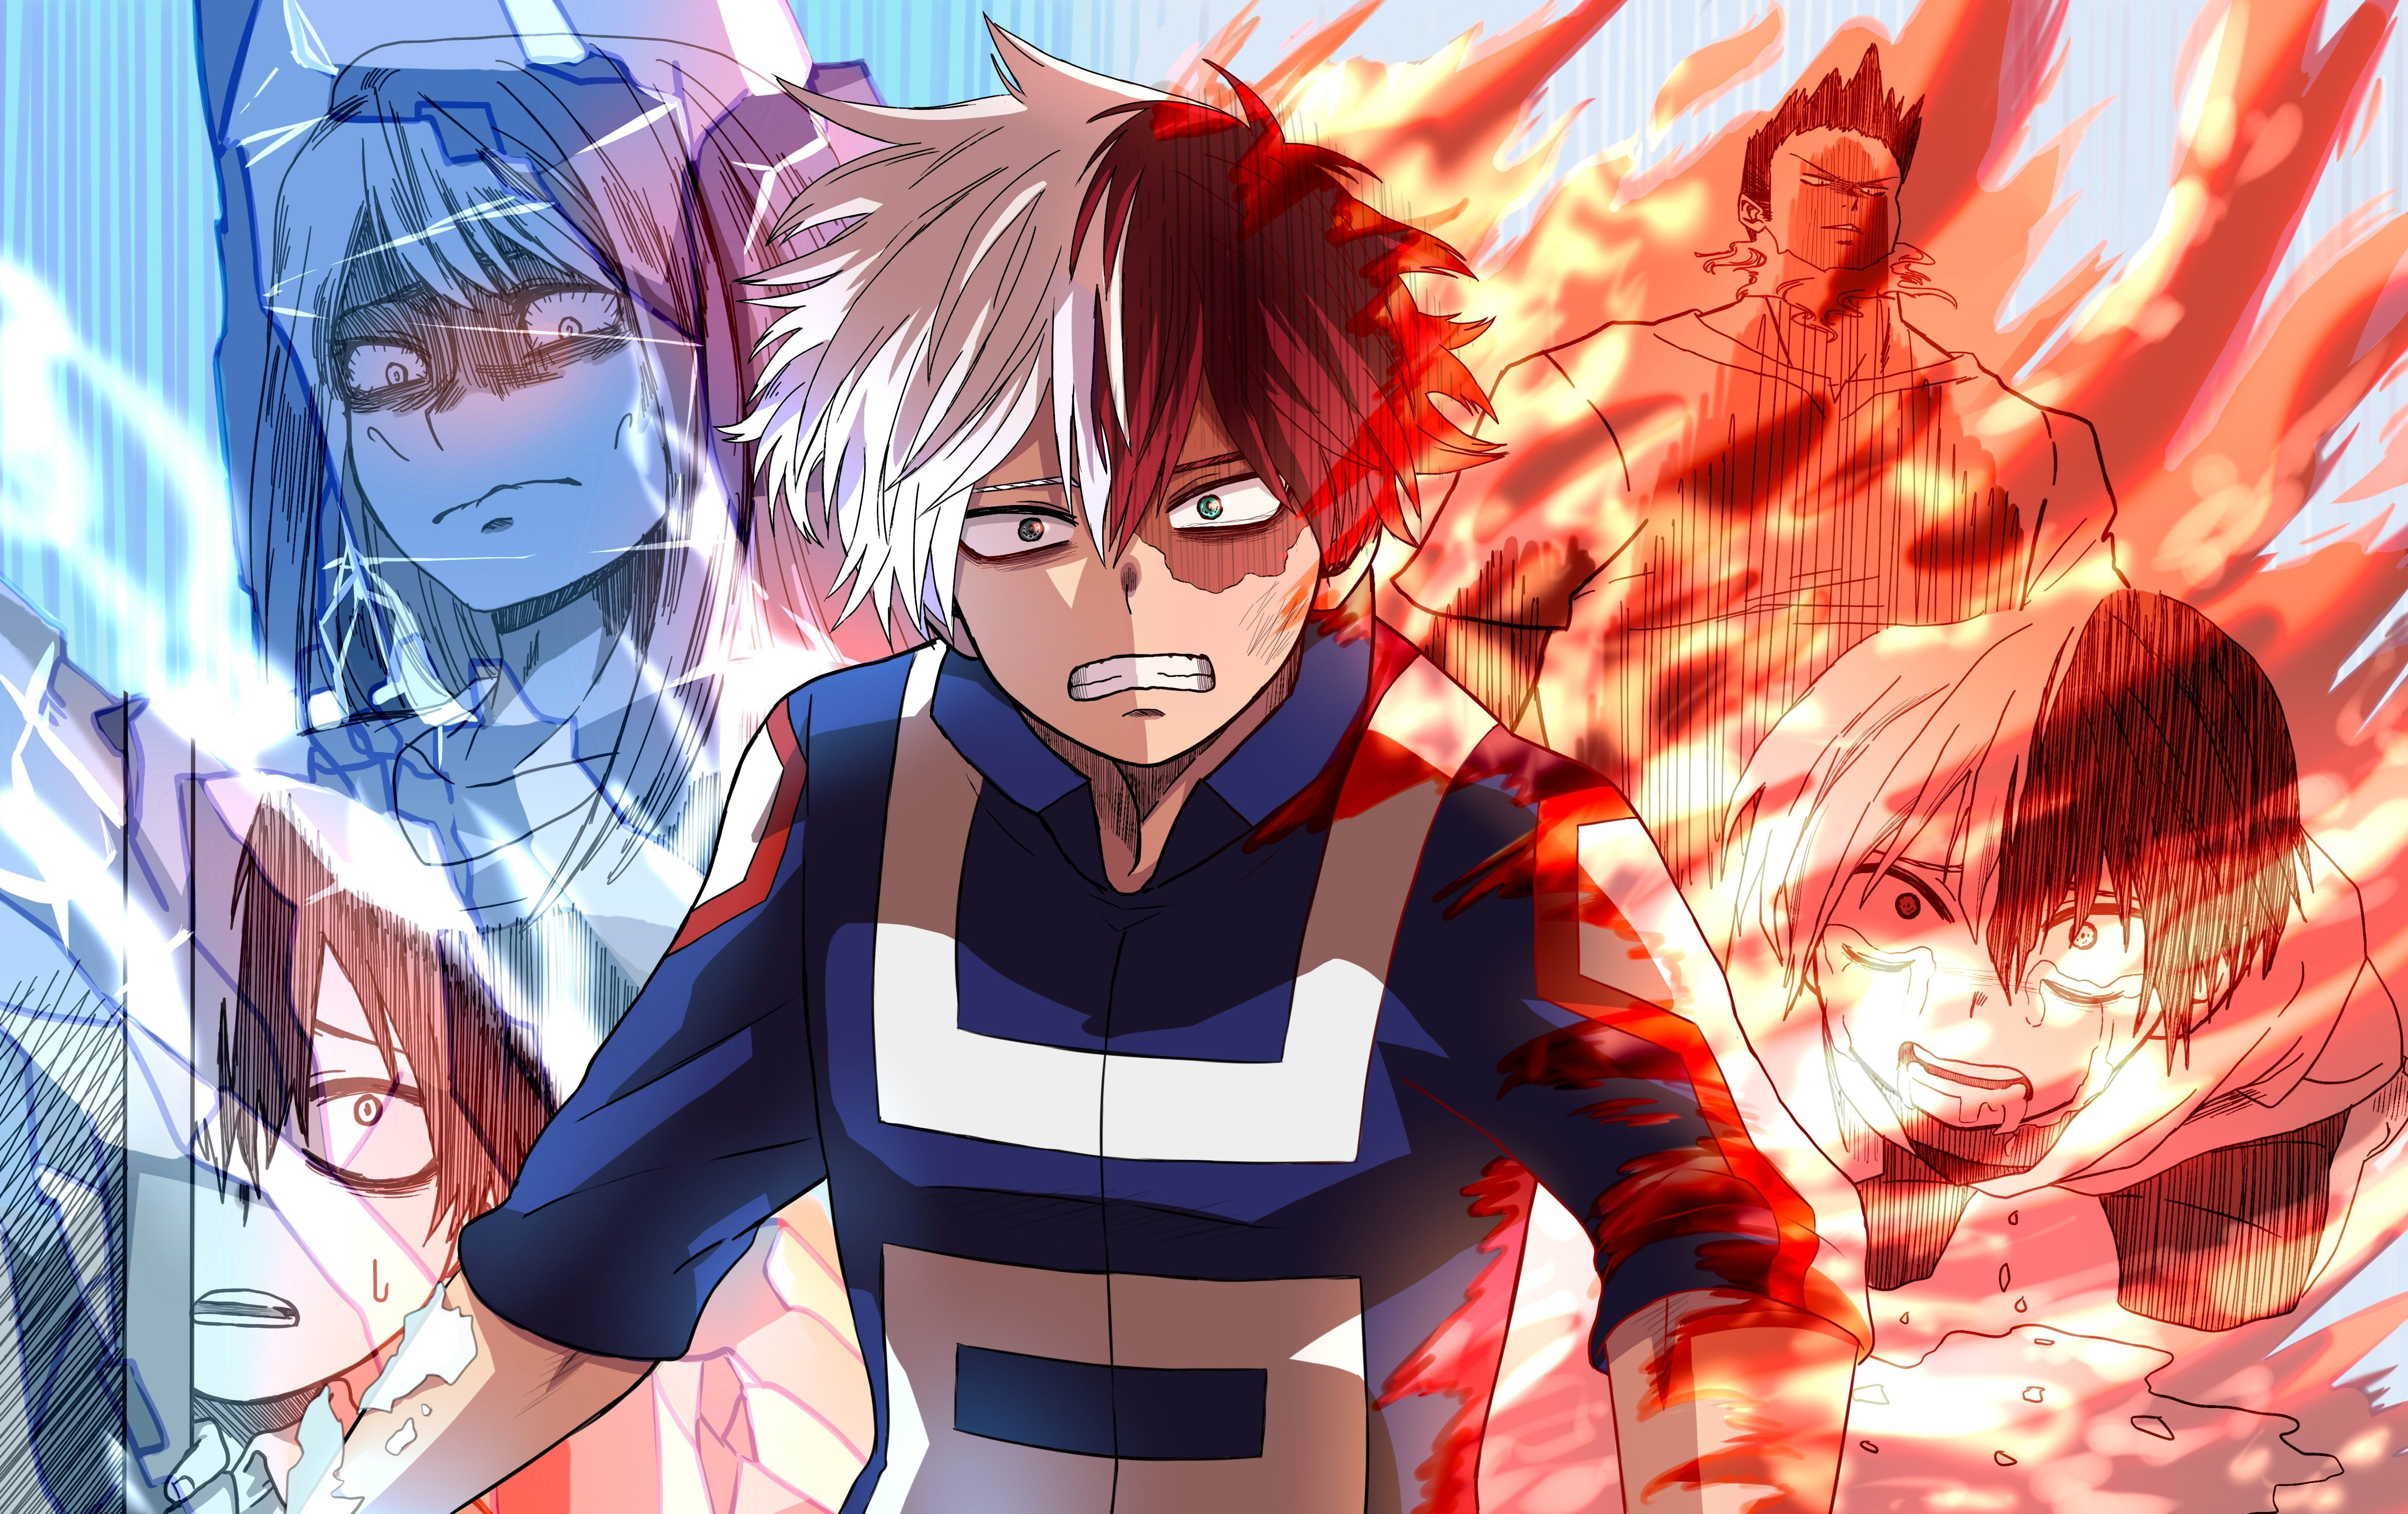 Anime My Hero Academia Shouto Todoroki Wallpaper My Hero Academia Shouto Me Me Me Anime My Hero Academia